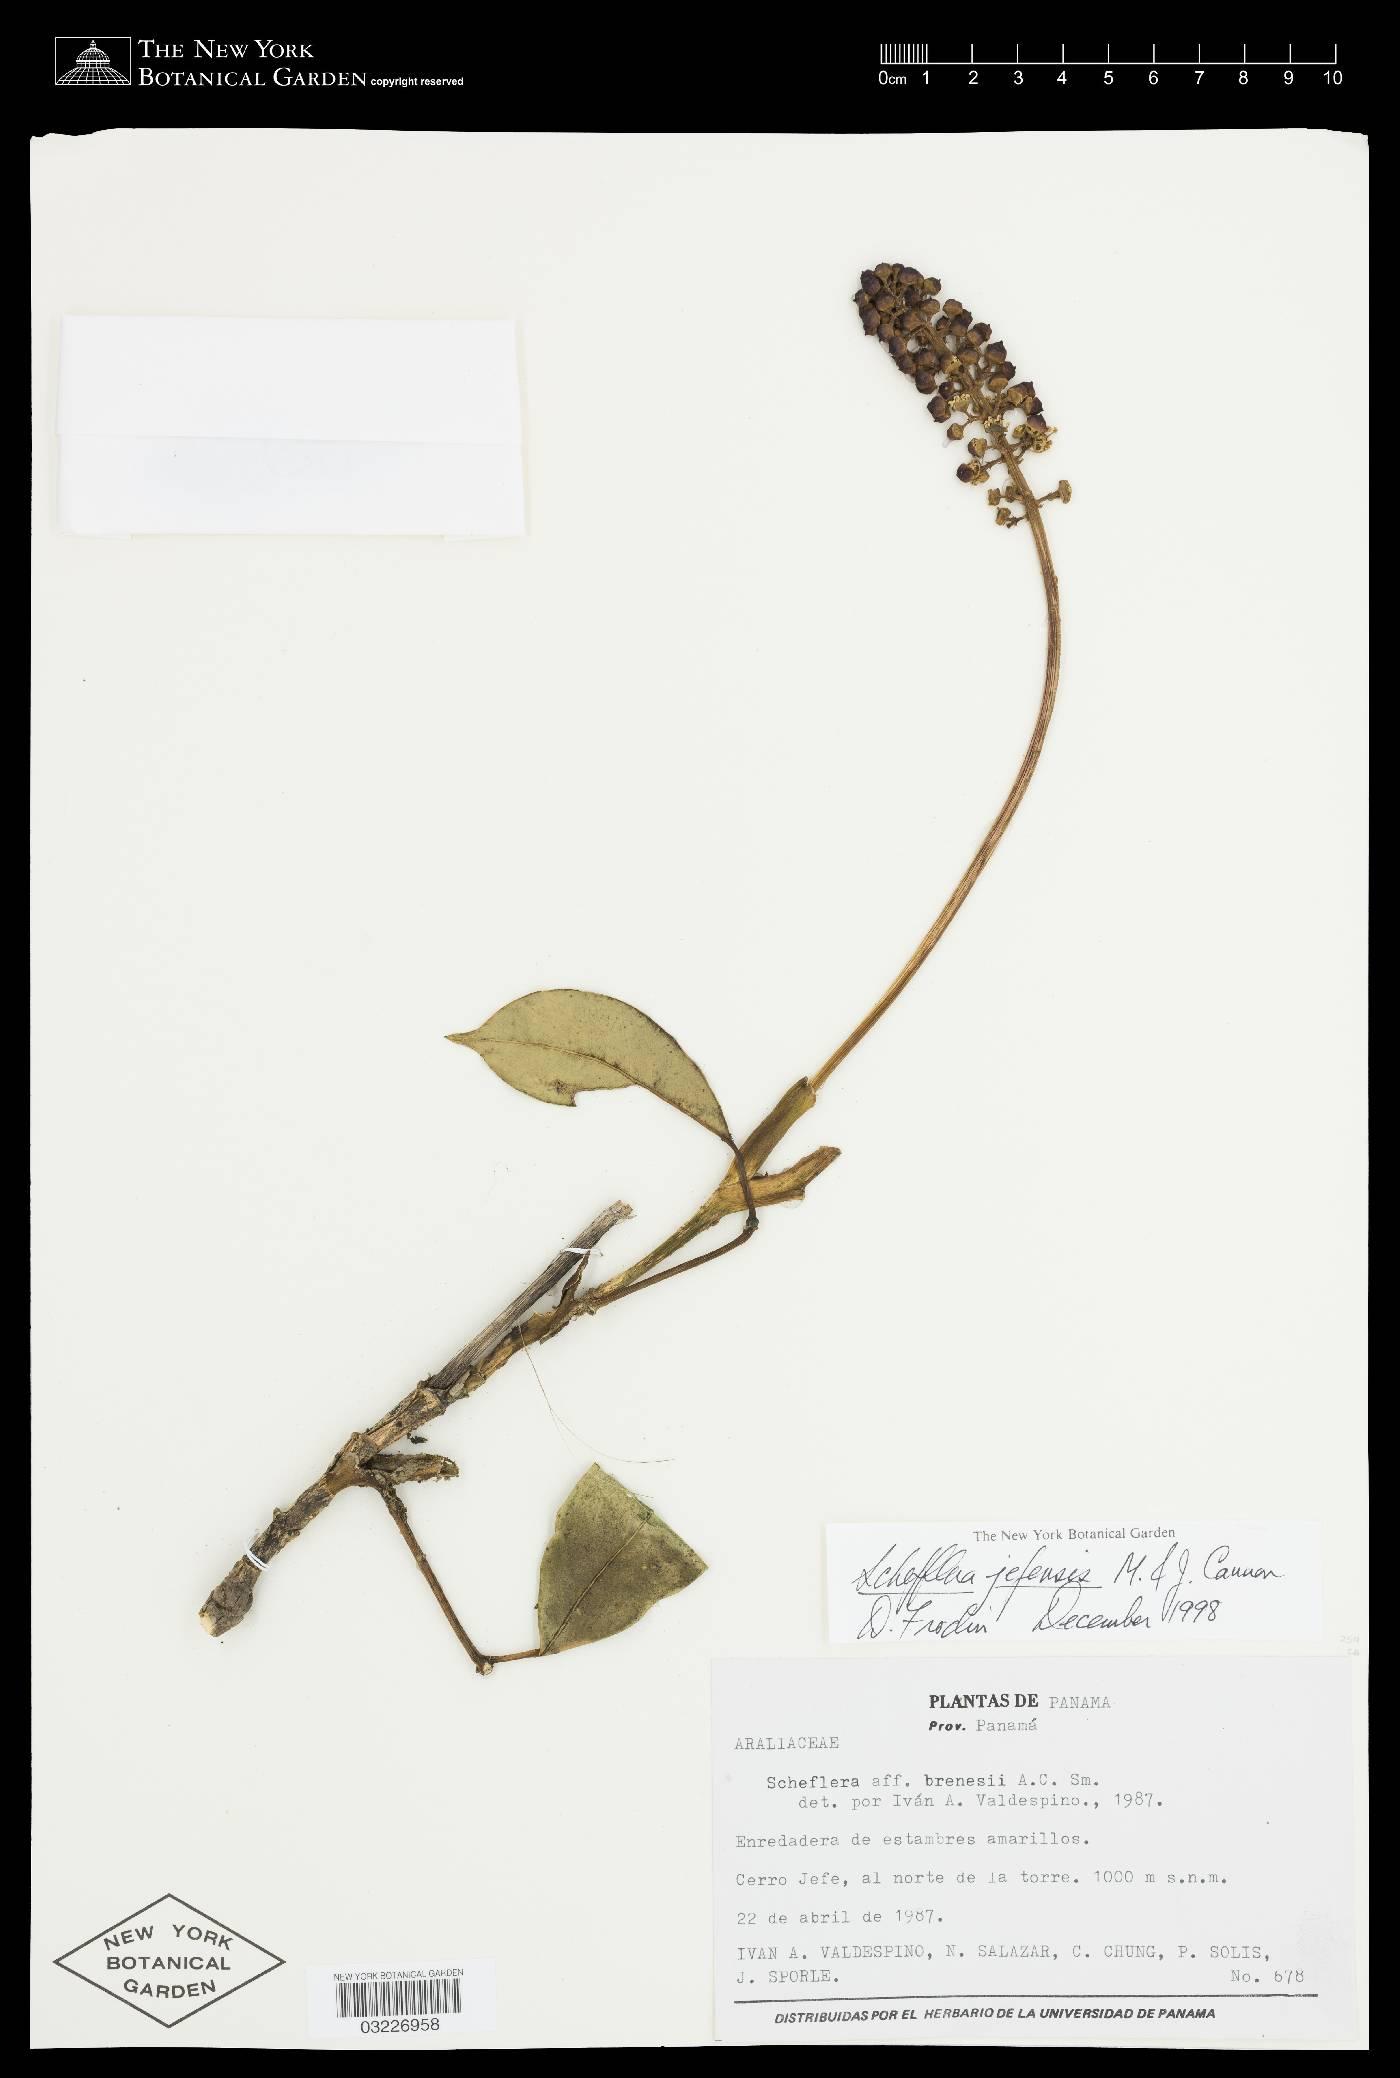 Schefflera jefensis image